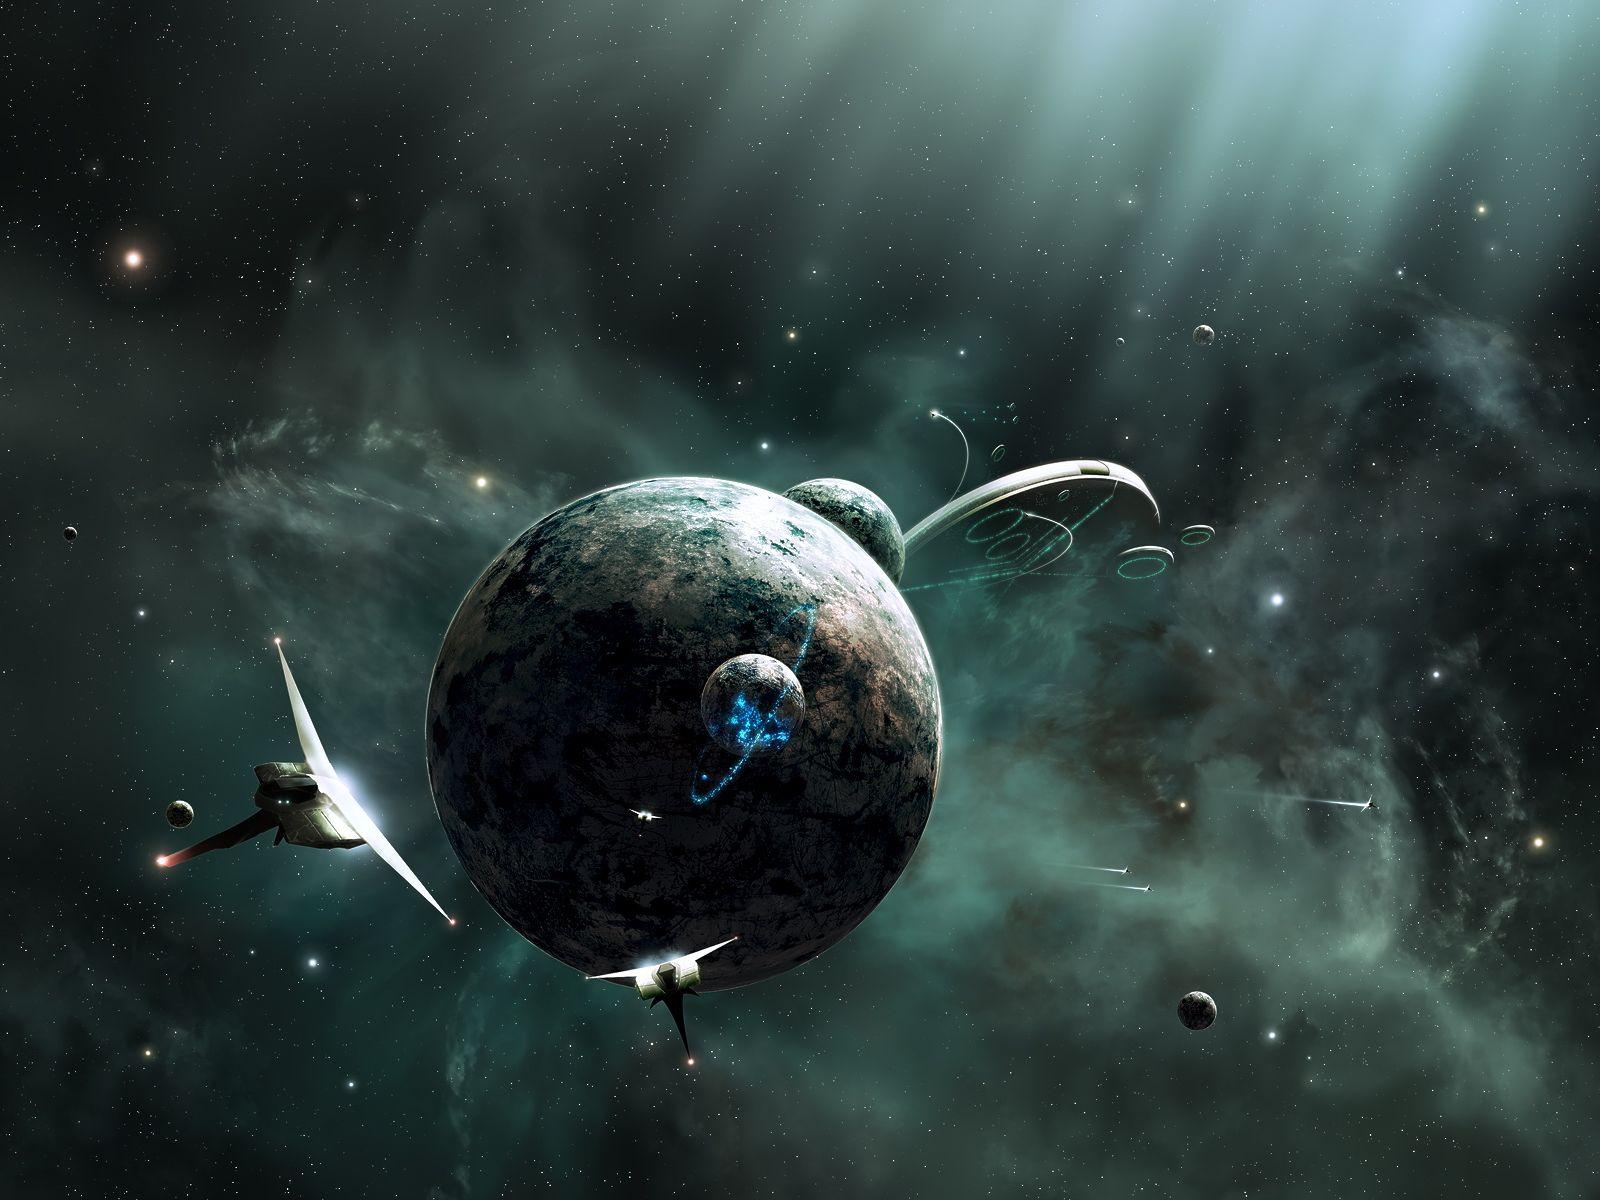 壁紙 惑星 宇宙空間 ダウンロード 写真